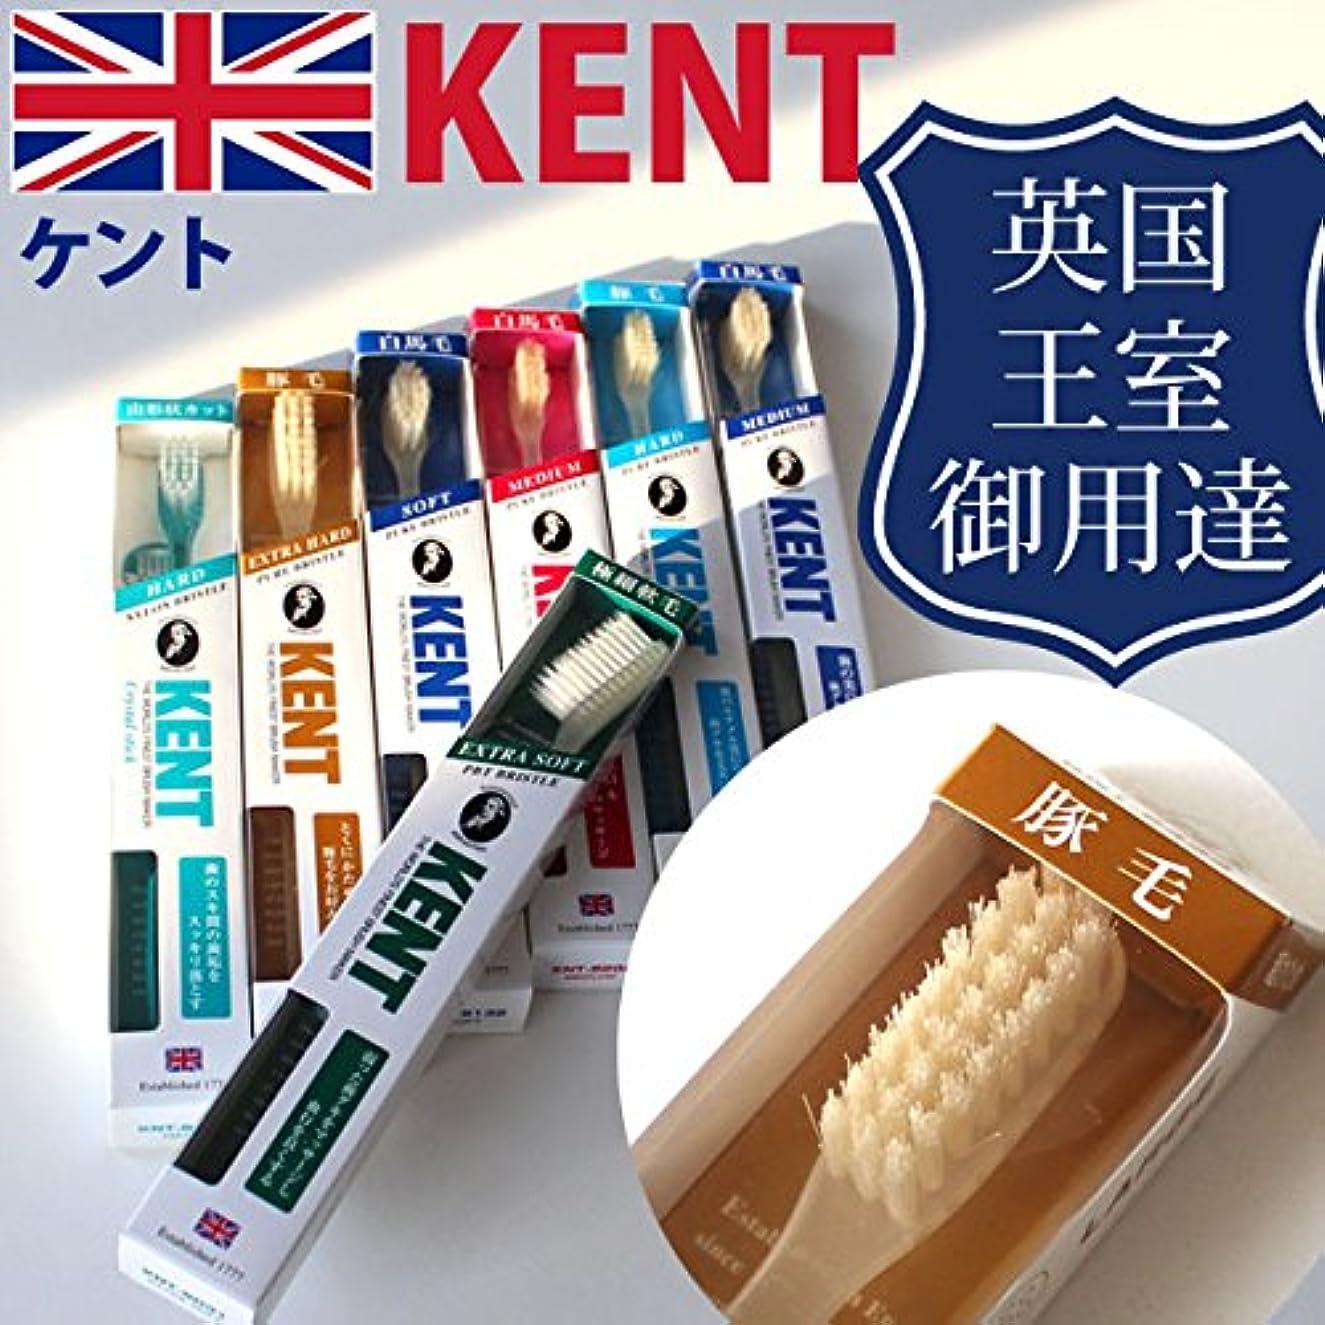 絶望ファーザーファージュシティケント KENT 豚毛 コンパクト 歯ブラシKNT-9233/9833単品108 ふつう